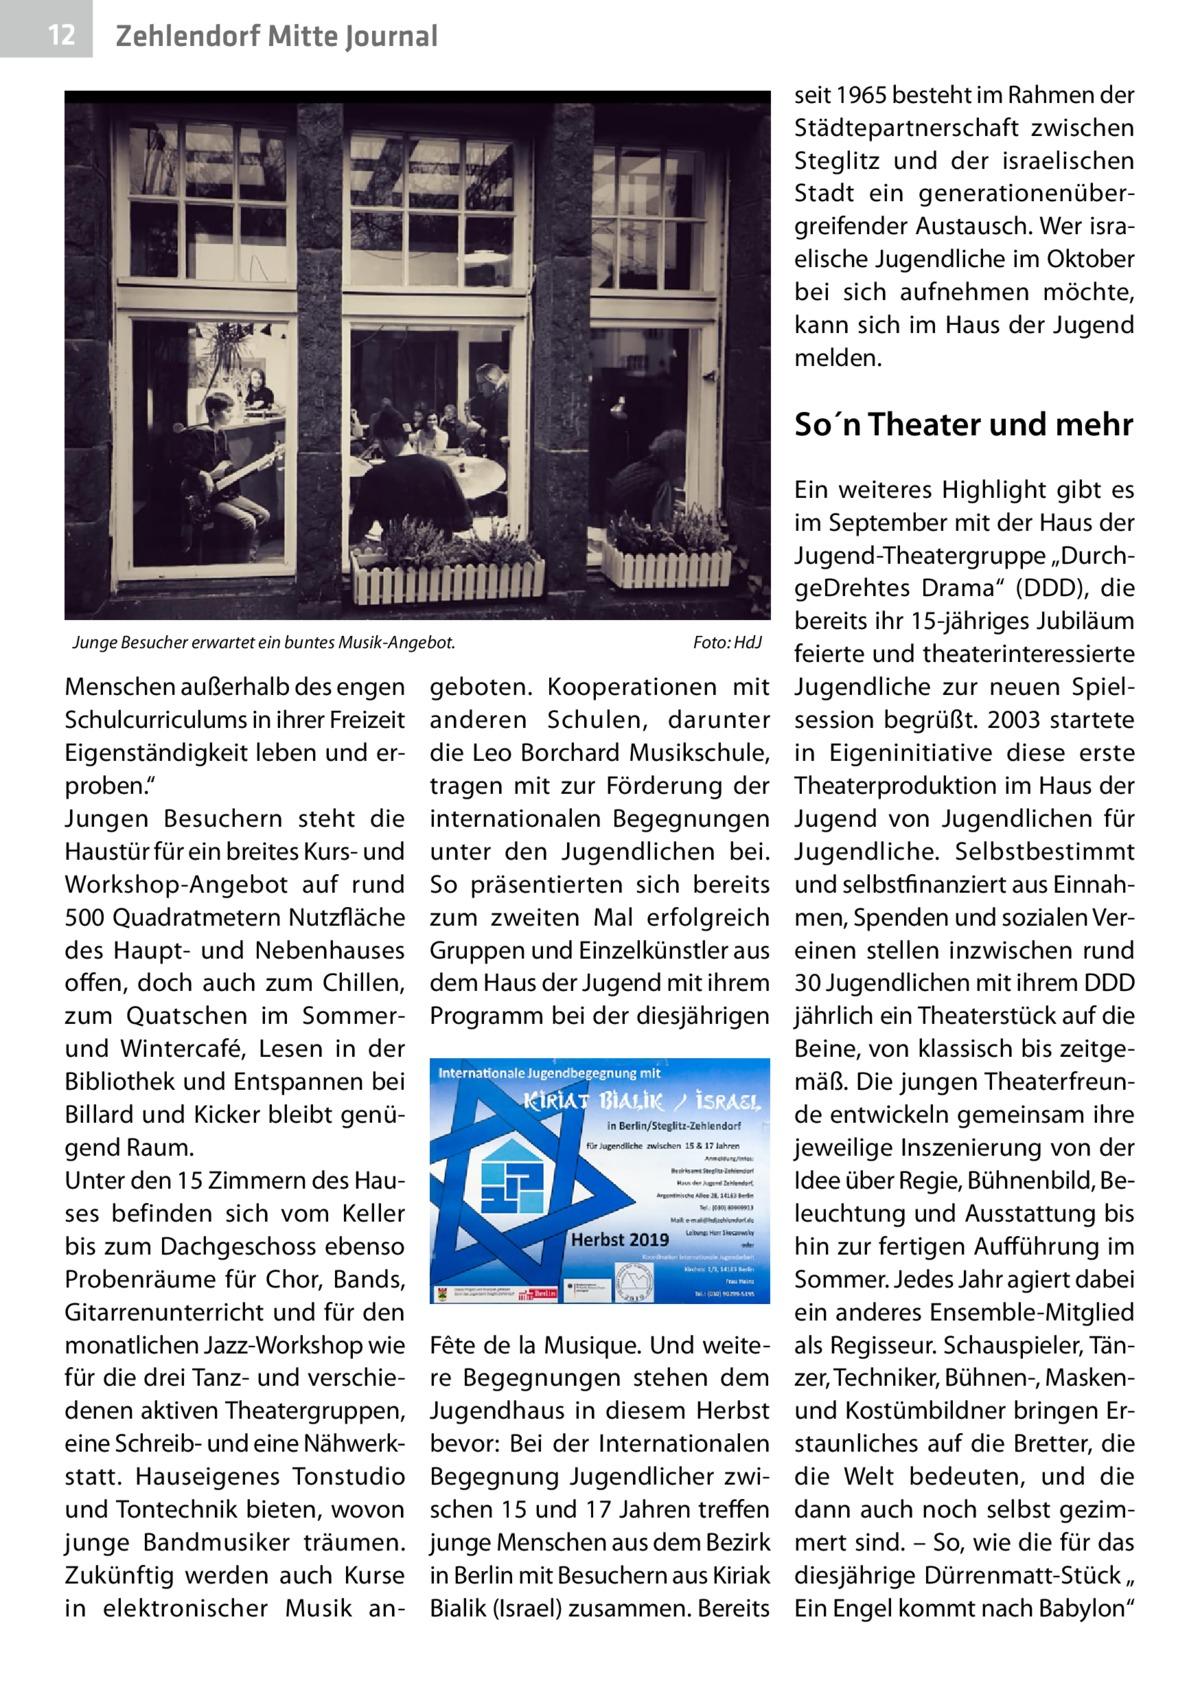 """12  Zehlendorf Mitte Journal seit 1965 besteht im Rahmen der Städtepartnerschaft zwischen Steglitz und der israelischen Stadt ein generationenübergreifender Austausch. Wer israelische Jugendliche im Oktober bei sich aufnehmen möchte, kann sich im Haus der Jugend melden.  So´n Theater und mehr  Junge Besucher erwartet ein buntes Musik-Angebot.�  Menschen außerhalb des engen Schulcurriculums in ihrer Freizeit Eigenständigkeit leben und erproben."""" Jungen Besuchern steht die Haustür für ein breites Kurs- und Workshop-Angebot auf rund 500Quadratmetern Nutzfläche des Haupt- und Nebenhauses offen, doch auch zum Chillen, zum Quatschen im Sommerund Wintercafé, Lesen in der Bibliothek und Entspannen bei Billard und Kicker bleibt genügend Raum. Unter den 15 Zimmern des Hauses befinden sich vom Keller bis zum Dachgeschoss ebenso Probenräume für Chor, Bands, Gitarrenunterricht und für den monatlichen Jazz-Workshop wie für die drei Tanz- und verschiedenen aktiven Theatergruppen, eine Schreib- und eine Nähwerkstatt. Hauseigenes Tonstudio und Tontechnik bieten, wovon junge Bandmusiker träumen. Zukünftig werden auch Kurse in elektronischer Musik an Foto: HdJ  geboten. Kooperationen mit anderen Schulen, darunter die Leo Borchard Musikschule, tragen mit zur Förderung der internationalen Begegnungen unter den Jugendlichen bei. So präsentierten sich bereits zum zweiten Mal erfolgreich Gruppen und Einzelkünstler aus dem Haus der Jugend mit ihrem Programm bei der diesjährigen  Fête de la Musique. Und weitere Begegnungen stehen dem Jugendhaus in diesem Herbst bevor: Bei der Internationalen Begegnung Jugendlicher zwischen 15 und 17Jahren treffen junge Menschen aus dem Bezirk in Berlin mit Besuchern aus Kiriak Bialik (Israel) zusammen. Bereits  Ein weiteres Highlight gibt es im September mit der Haus der Jugend-Theatergruppe """"DurchgeDrehtes Drama"""" (DDD), die bereits ihr 15-jähriges Jubiläum feierte und theaterinteressierte Jugendliche zur neuen Spielsession begrüßt. 2003 startete in Eigenini"""